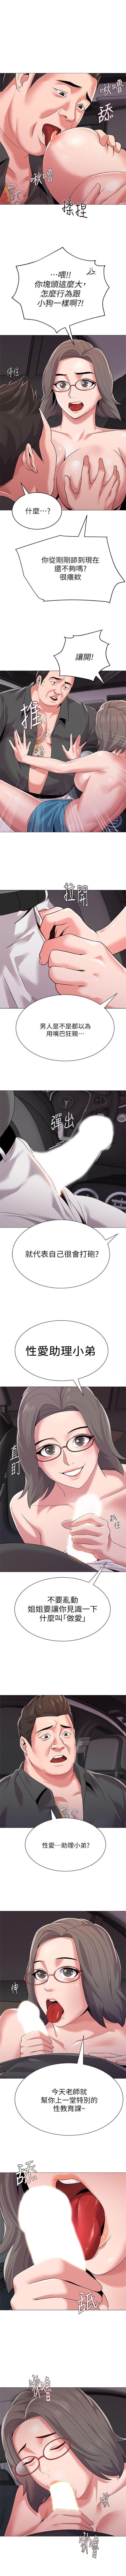 (周3)老师 1-56 中文翻译(更新中) 123